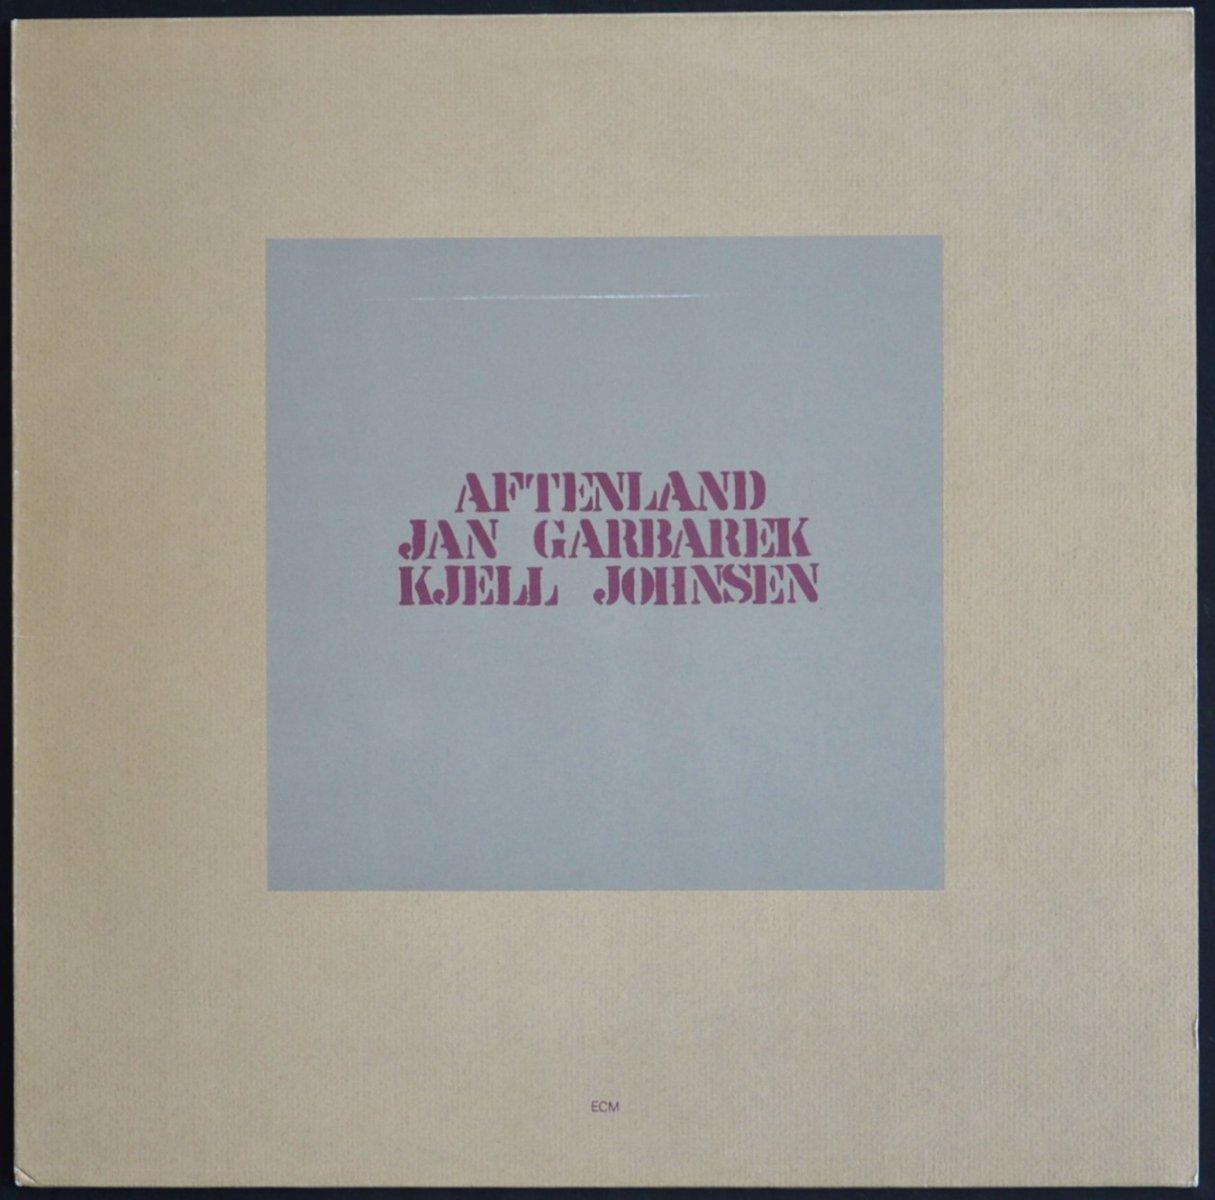 JAN GARBAREK,KJELL JOHNSEN / AFTENLAND (LP)